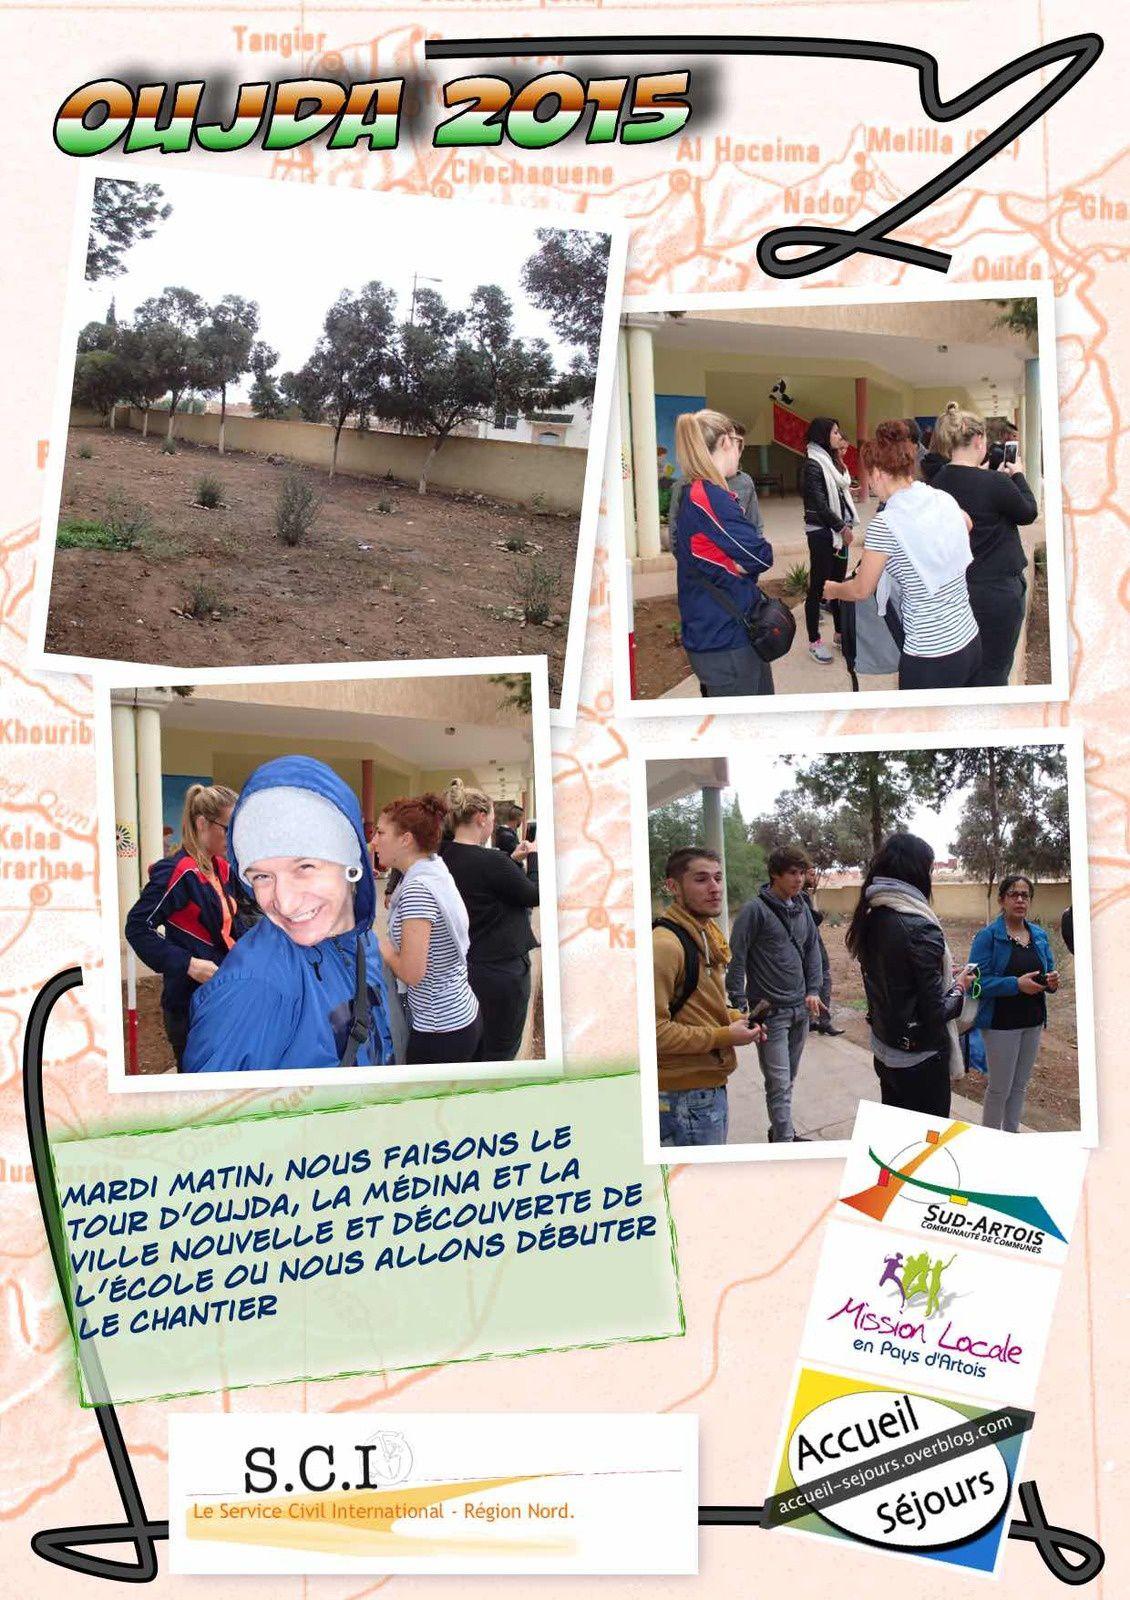 Mardi 20, notre première journée à Oujda